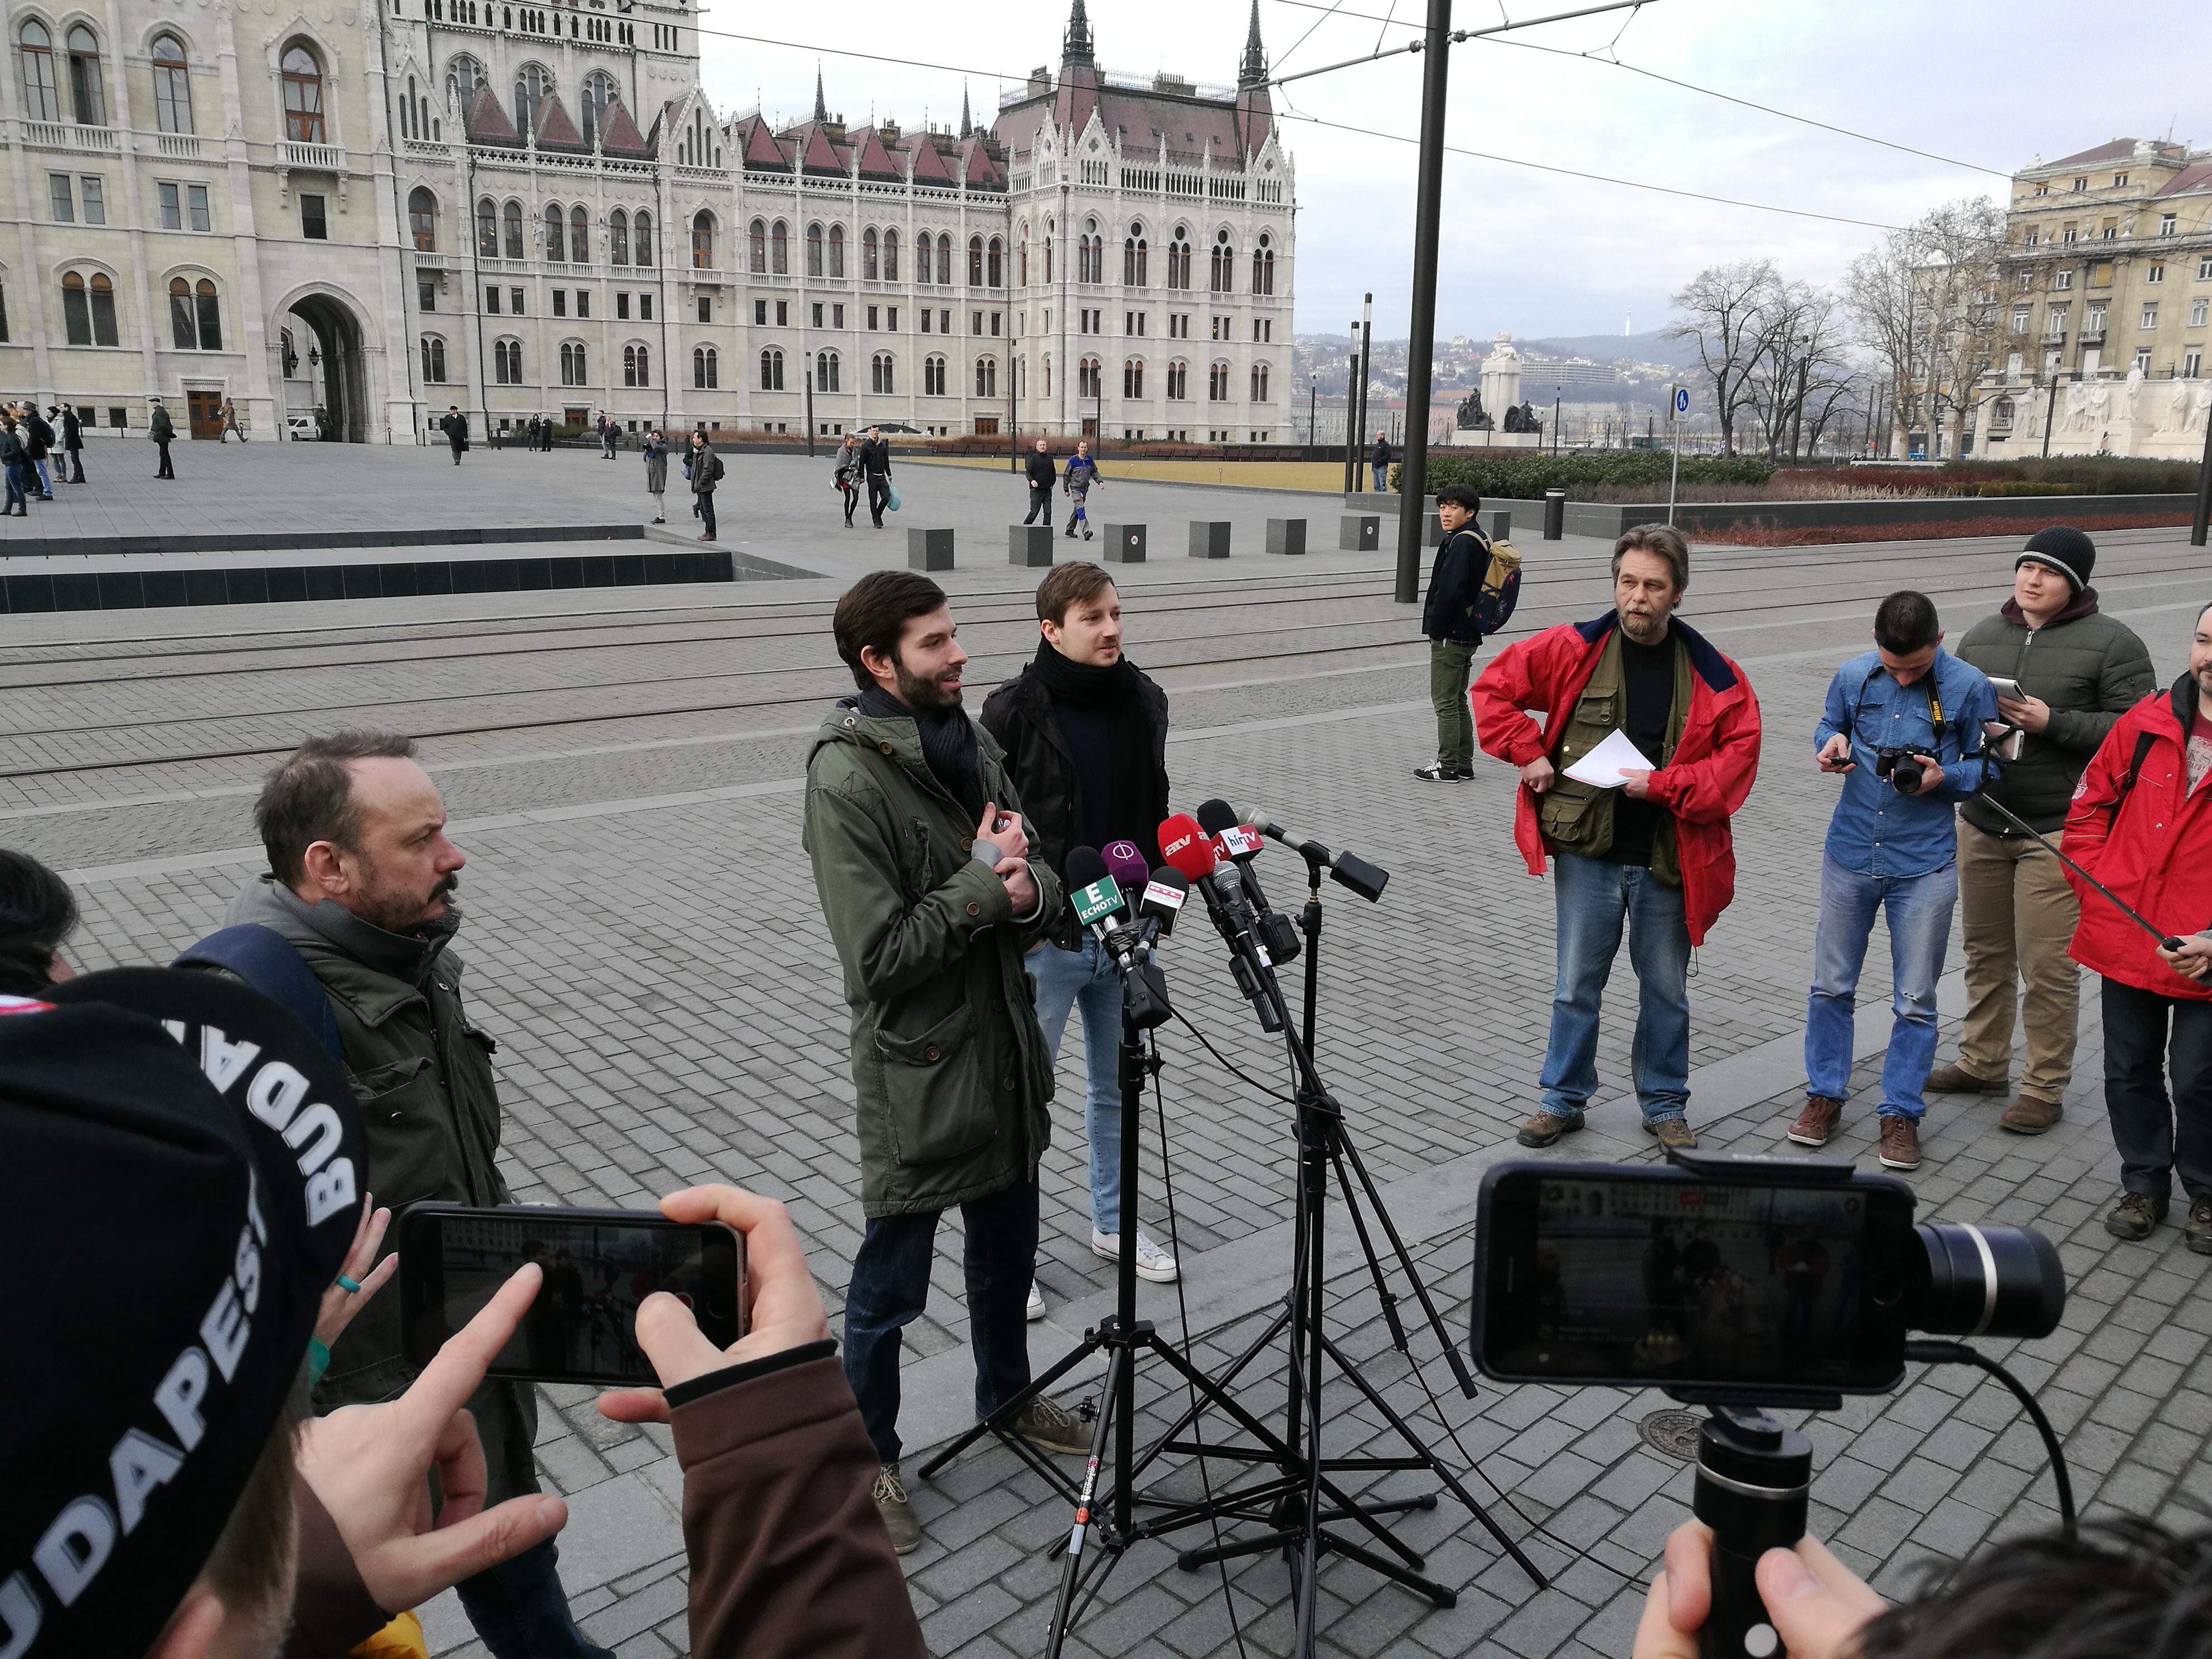 Momentum: A kormány hozza nyilvánosságra az ügynökaktákat